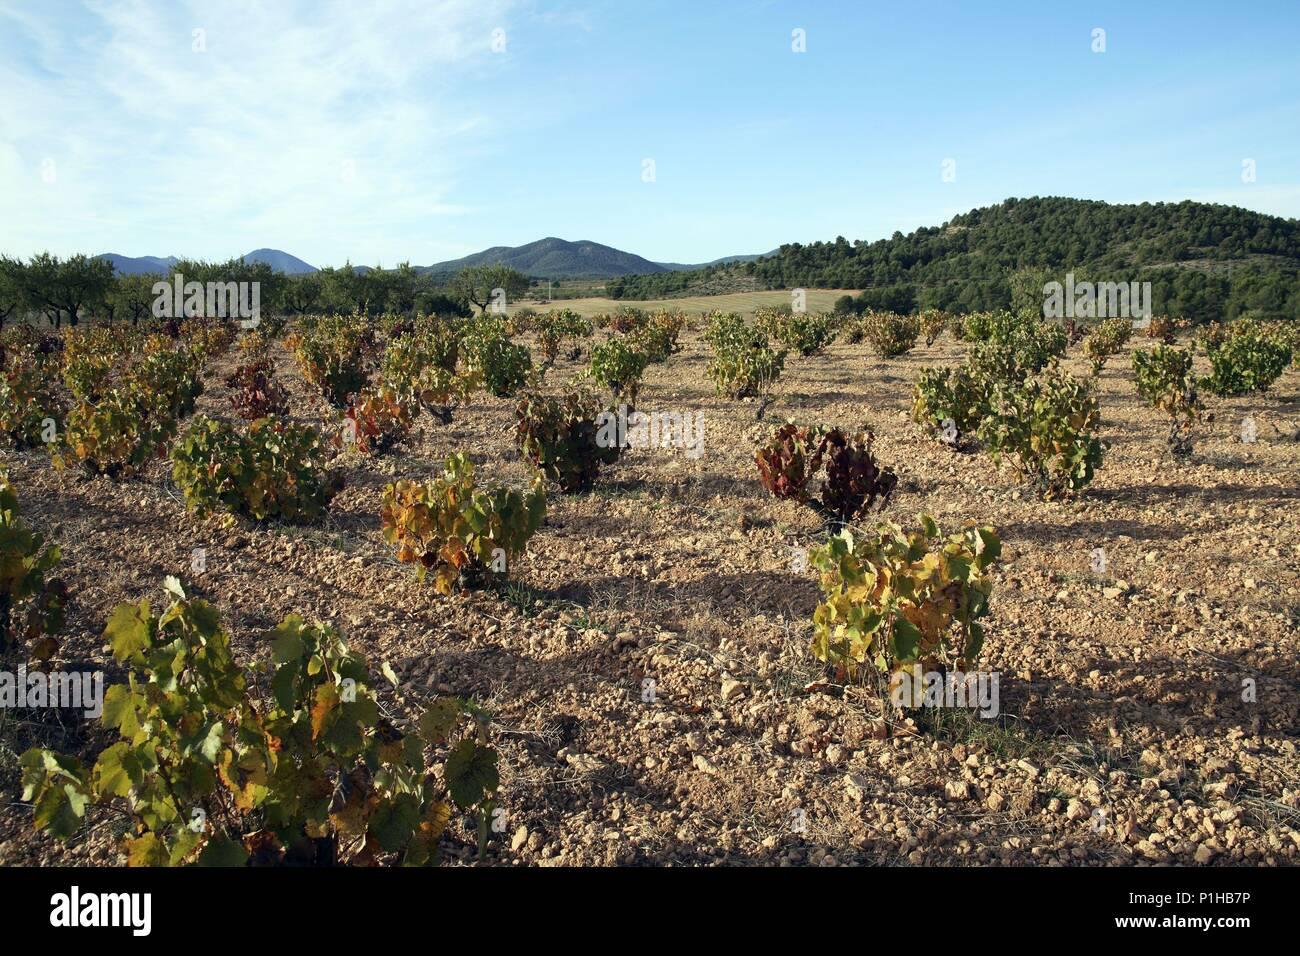 SPAIN - El Noroeste (district) - MURCIA. viñedo en municipio de Cehegín (D.O. Bullas). - Stock Image